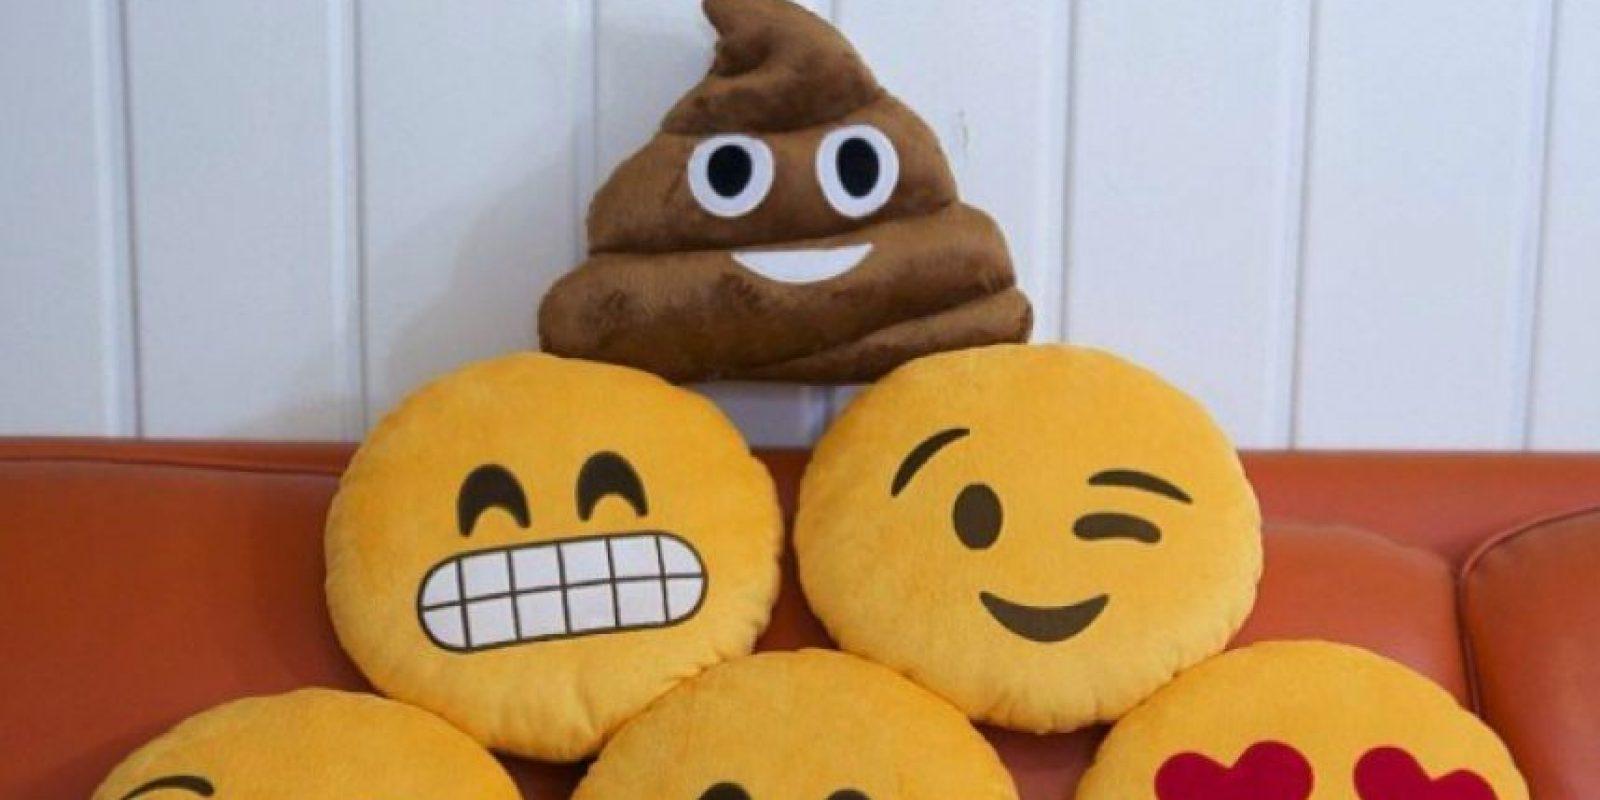 Los emojis pueden adaptarse a casi cualquier dispositivo físico o virtual. Foto:Google